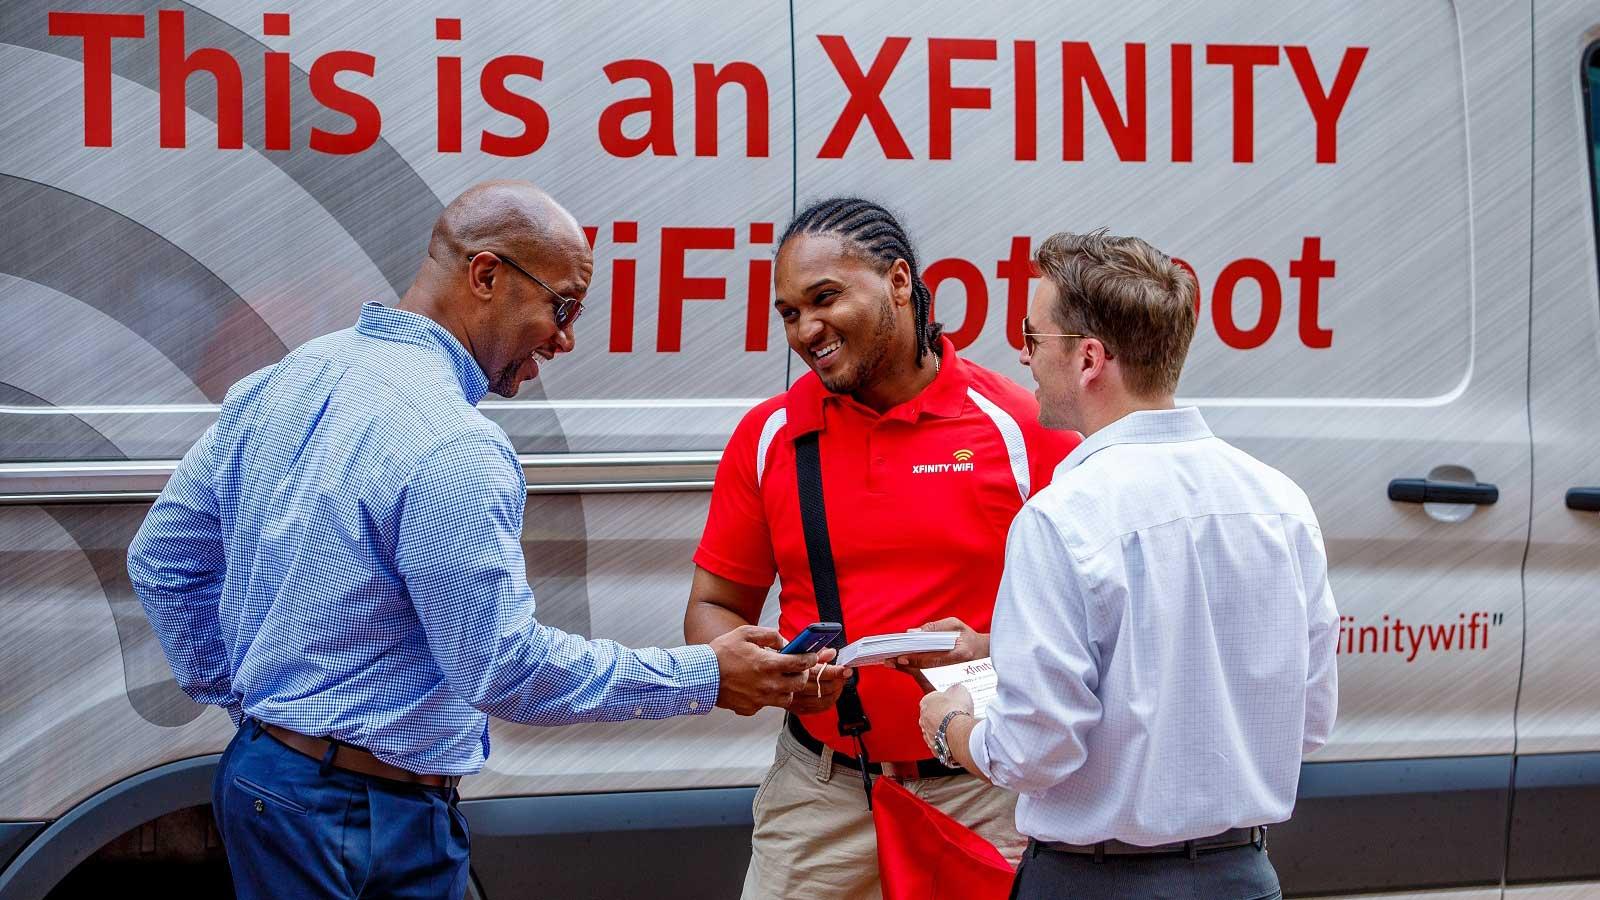 Xfinity tech outside of truck